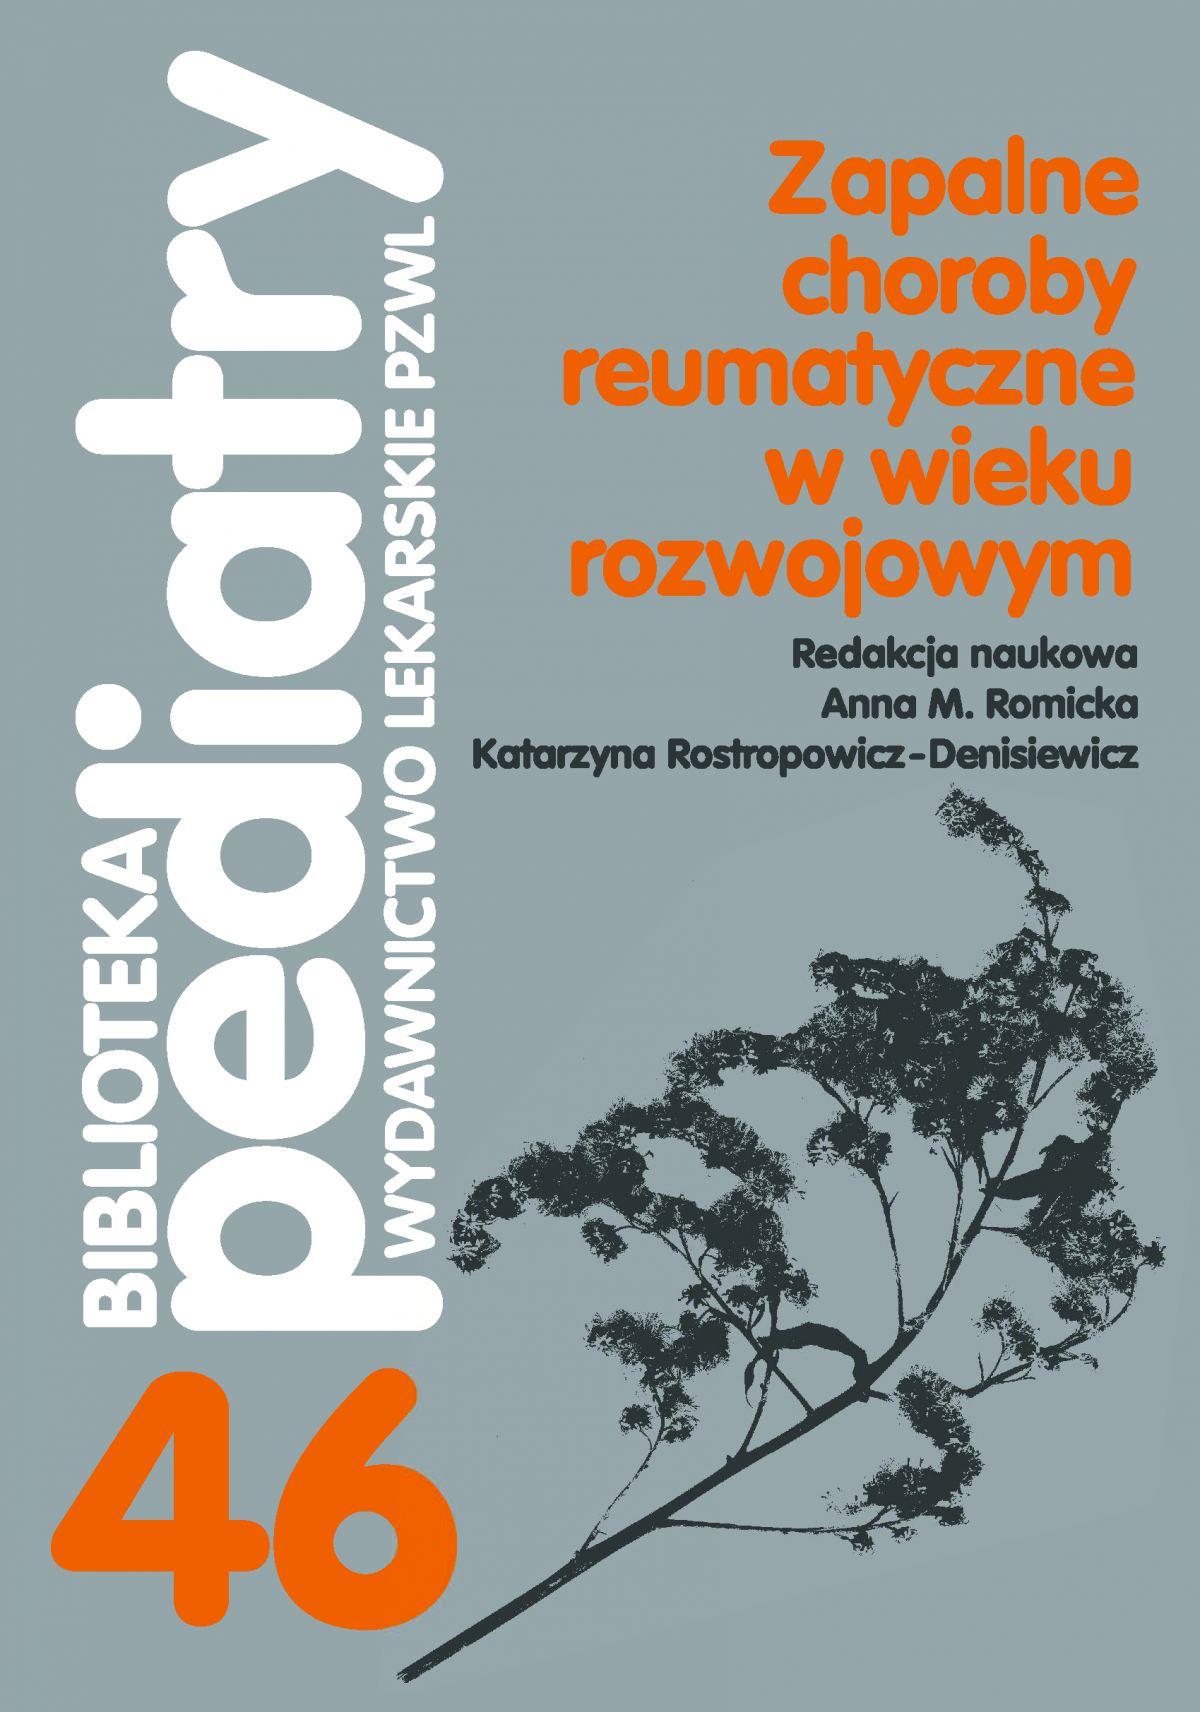 Zapalne choroby reumatyczne w wieku rozwojowym - Ebook (Książka na Kindle) do pobrania w formacie MOBI